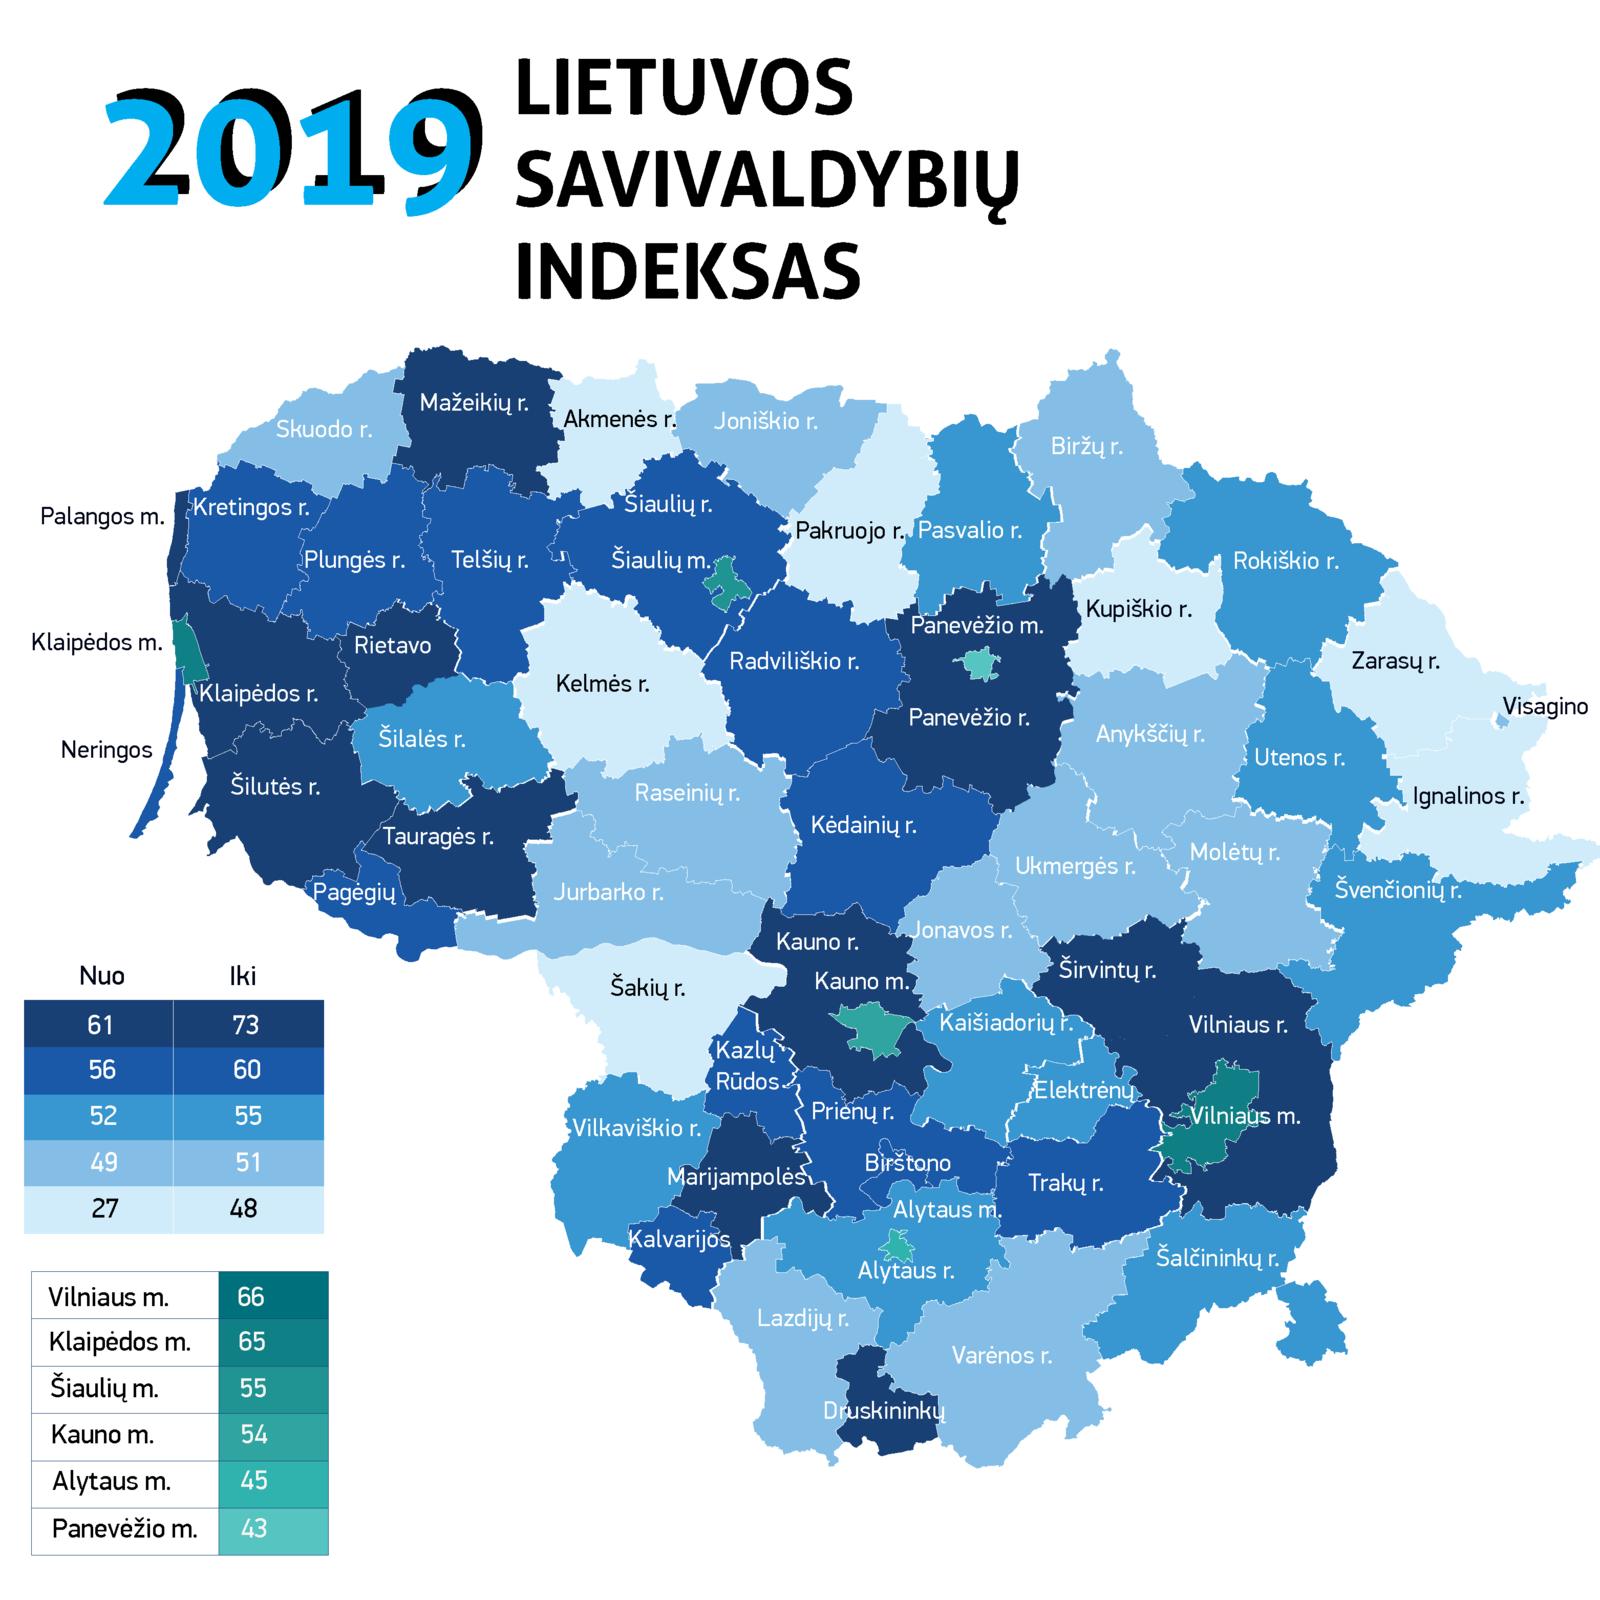 Savivaldybių indeksas: Vilnius išsiveržė į priekį, mažųjų savivaldybių lyderis – Klaipėdos rajonas